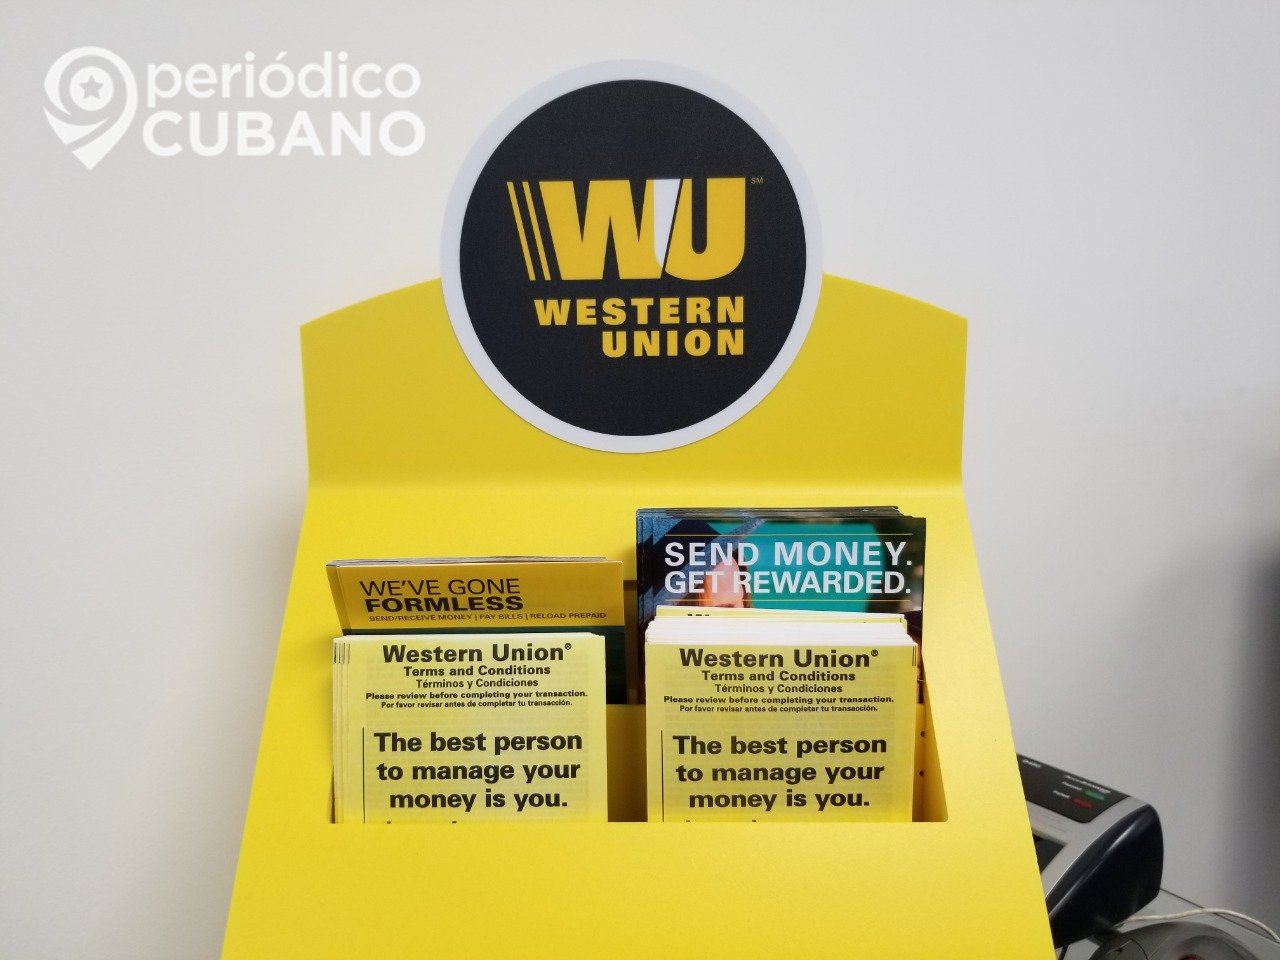 Western Union planea suspender envío de remesas a Cuba con excepción de EEUU